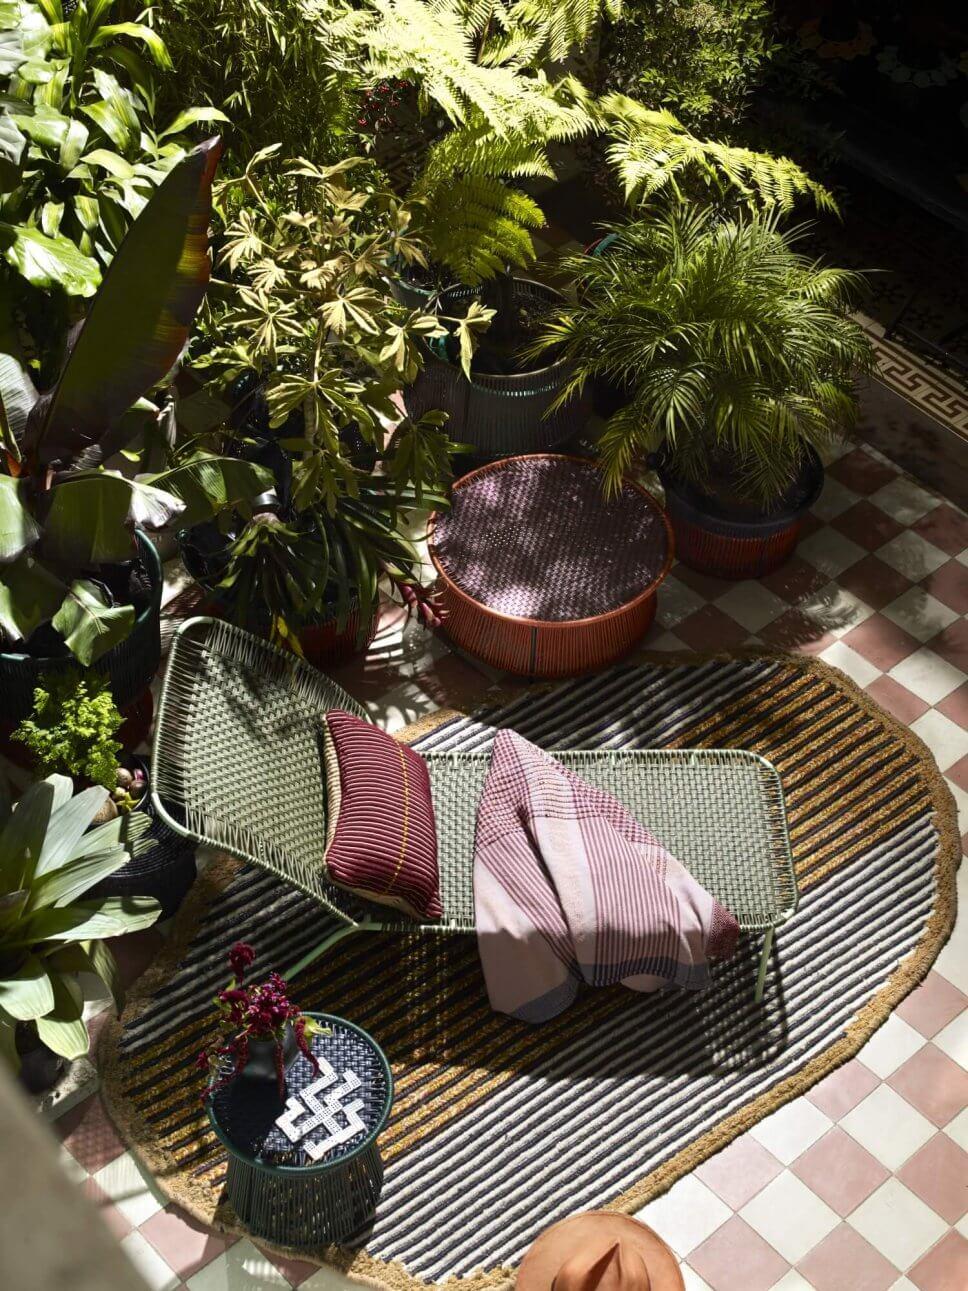 Sonnenliege auf Teppich im üppig bepflanzten Patio eines kolumbianischen Kolonialhauses